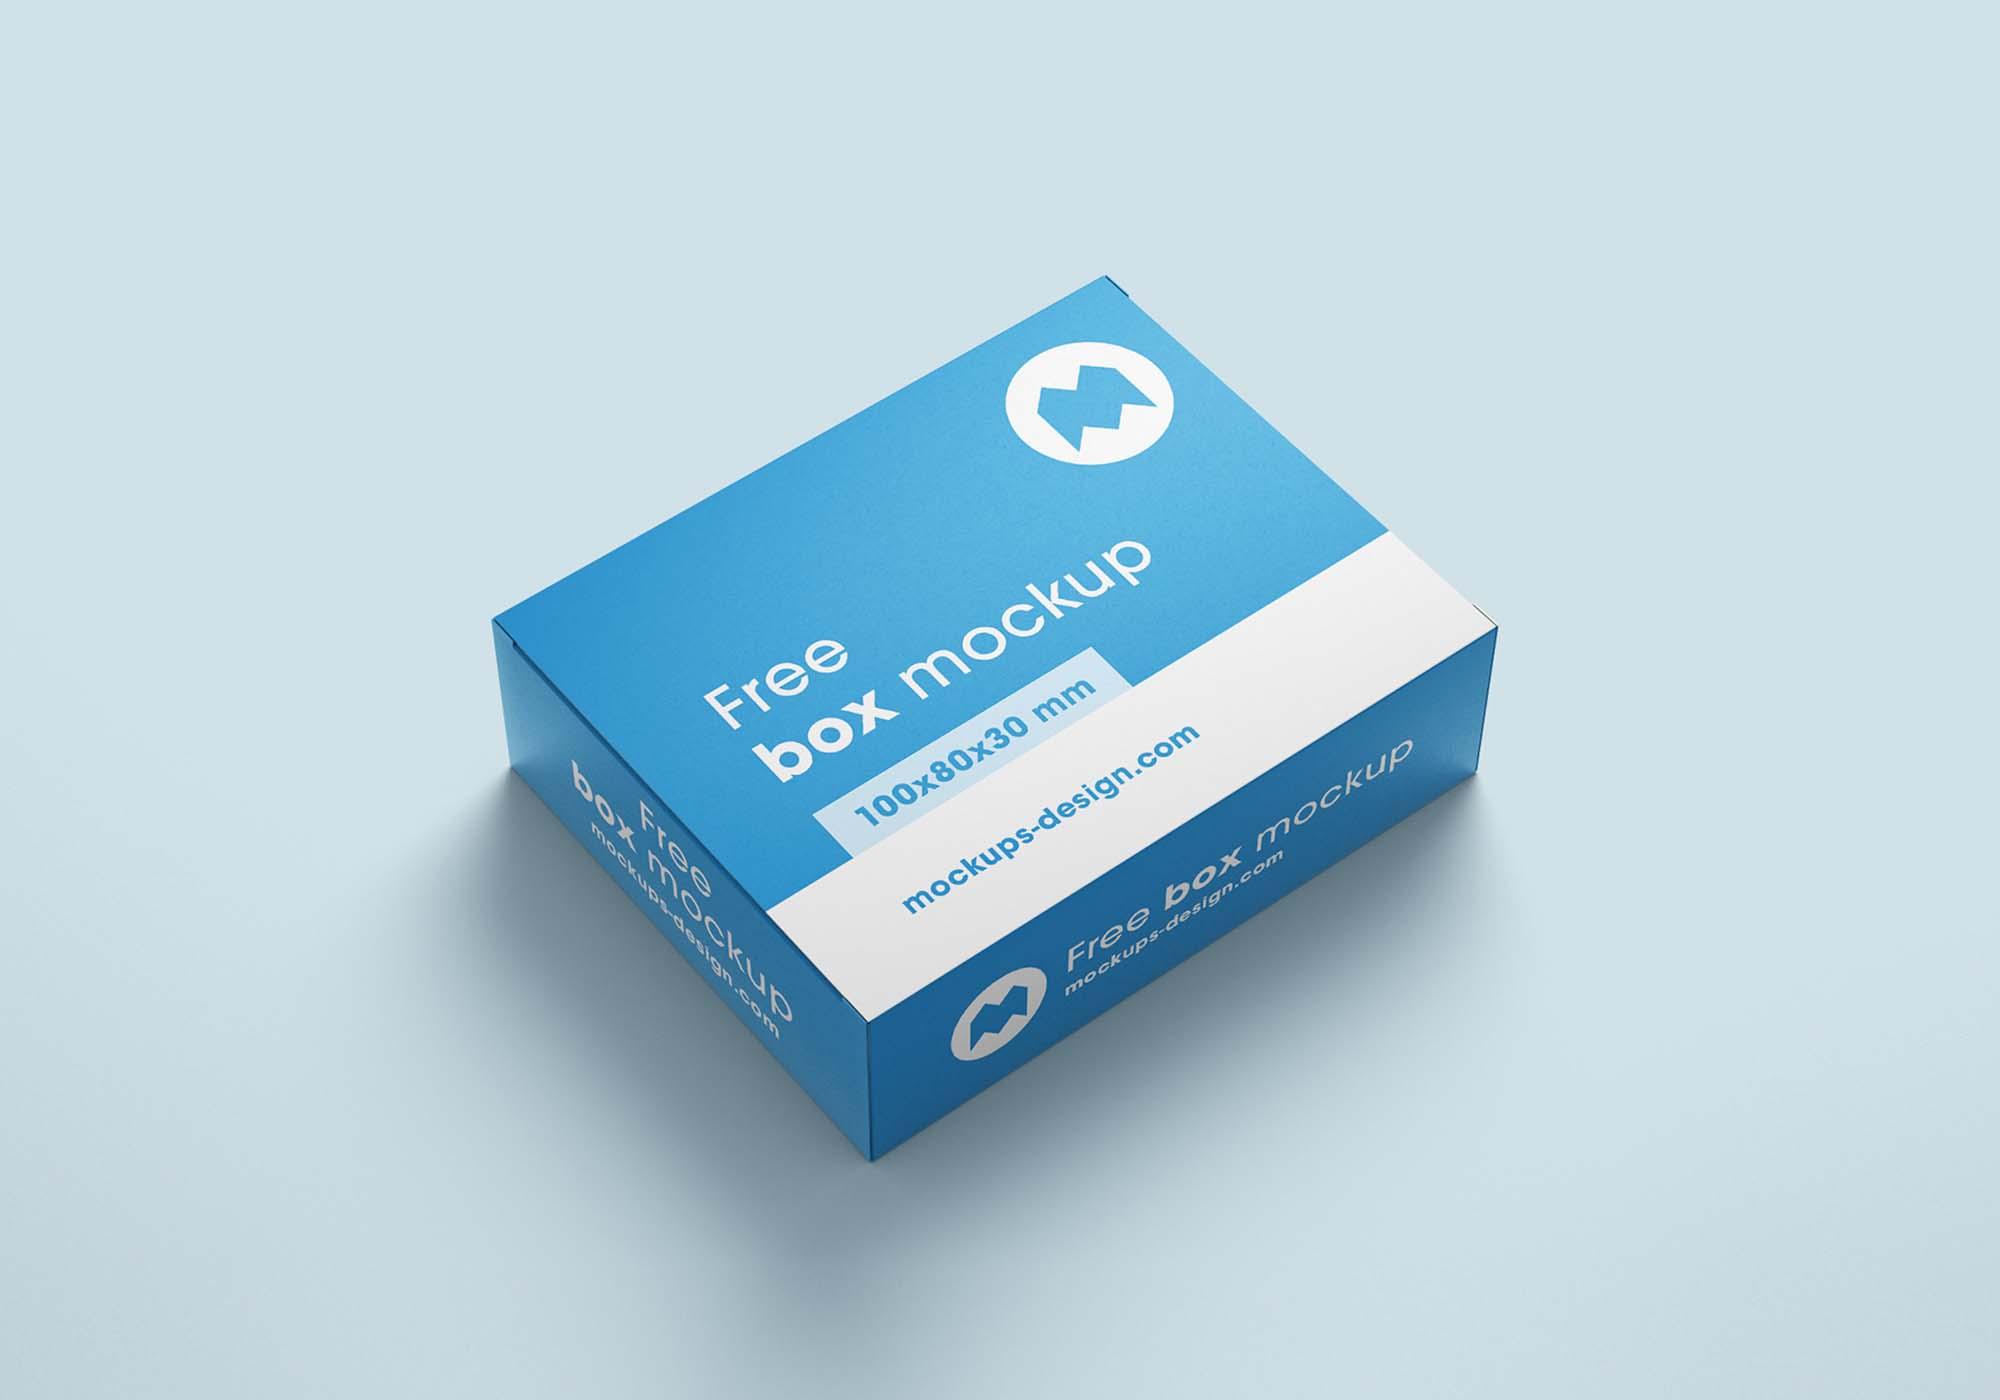 Box Mockup 3 (100x80x30)